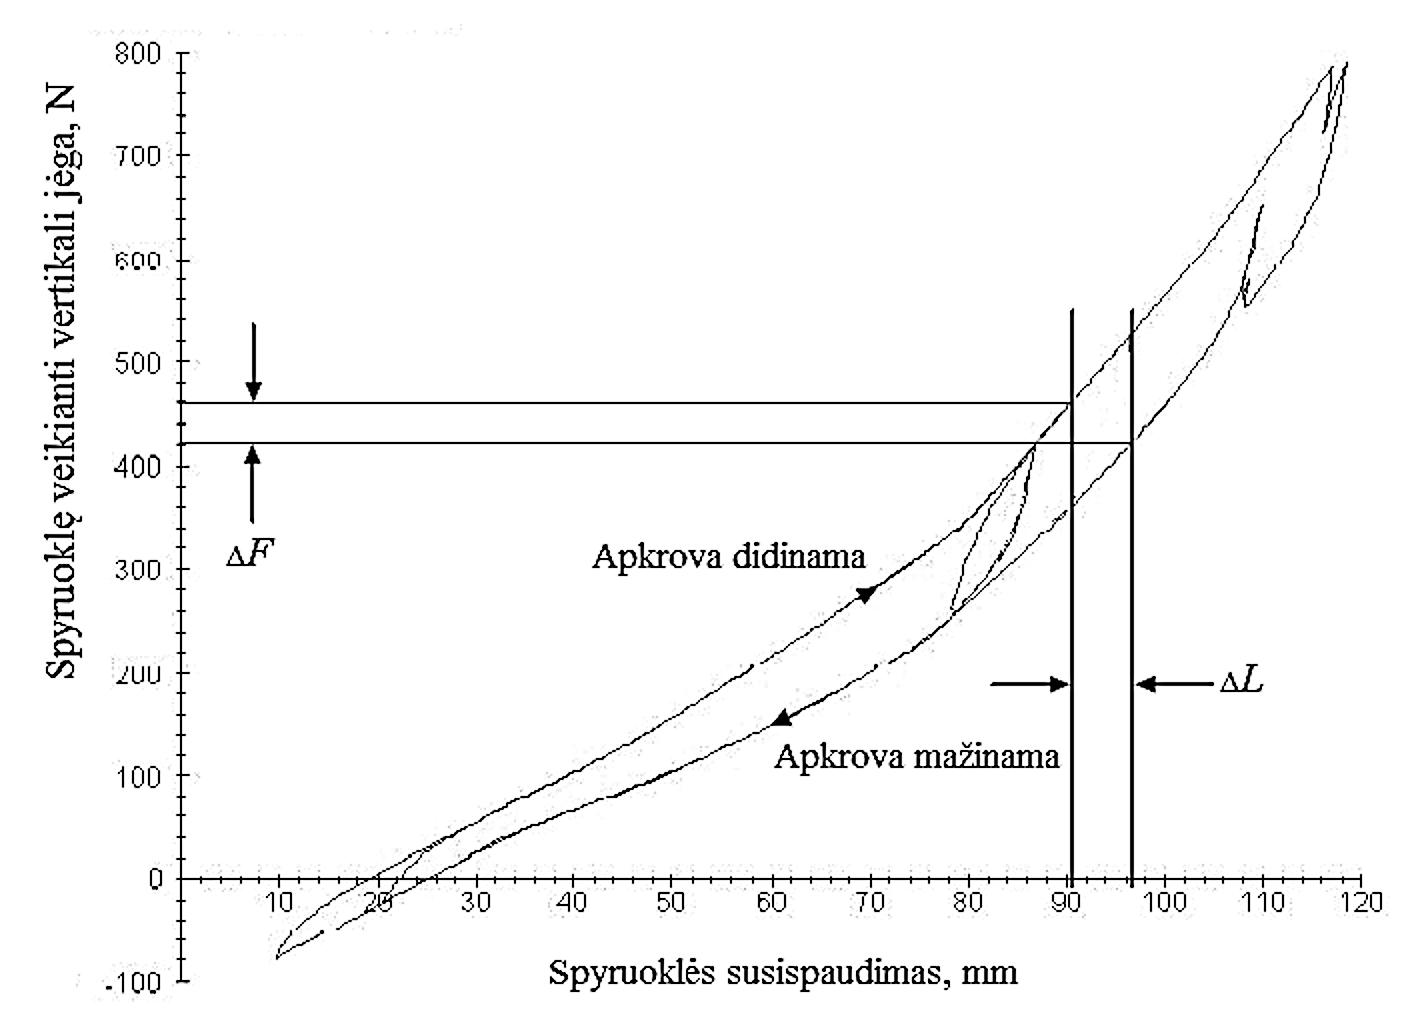 2 pav. Pakabos spyruoklės suspaudimo priklausomybė nuo veikiančios jėgos / Fig. 2. Suspension spring's compression dependence on the applied force